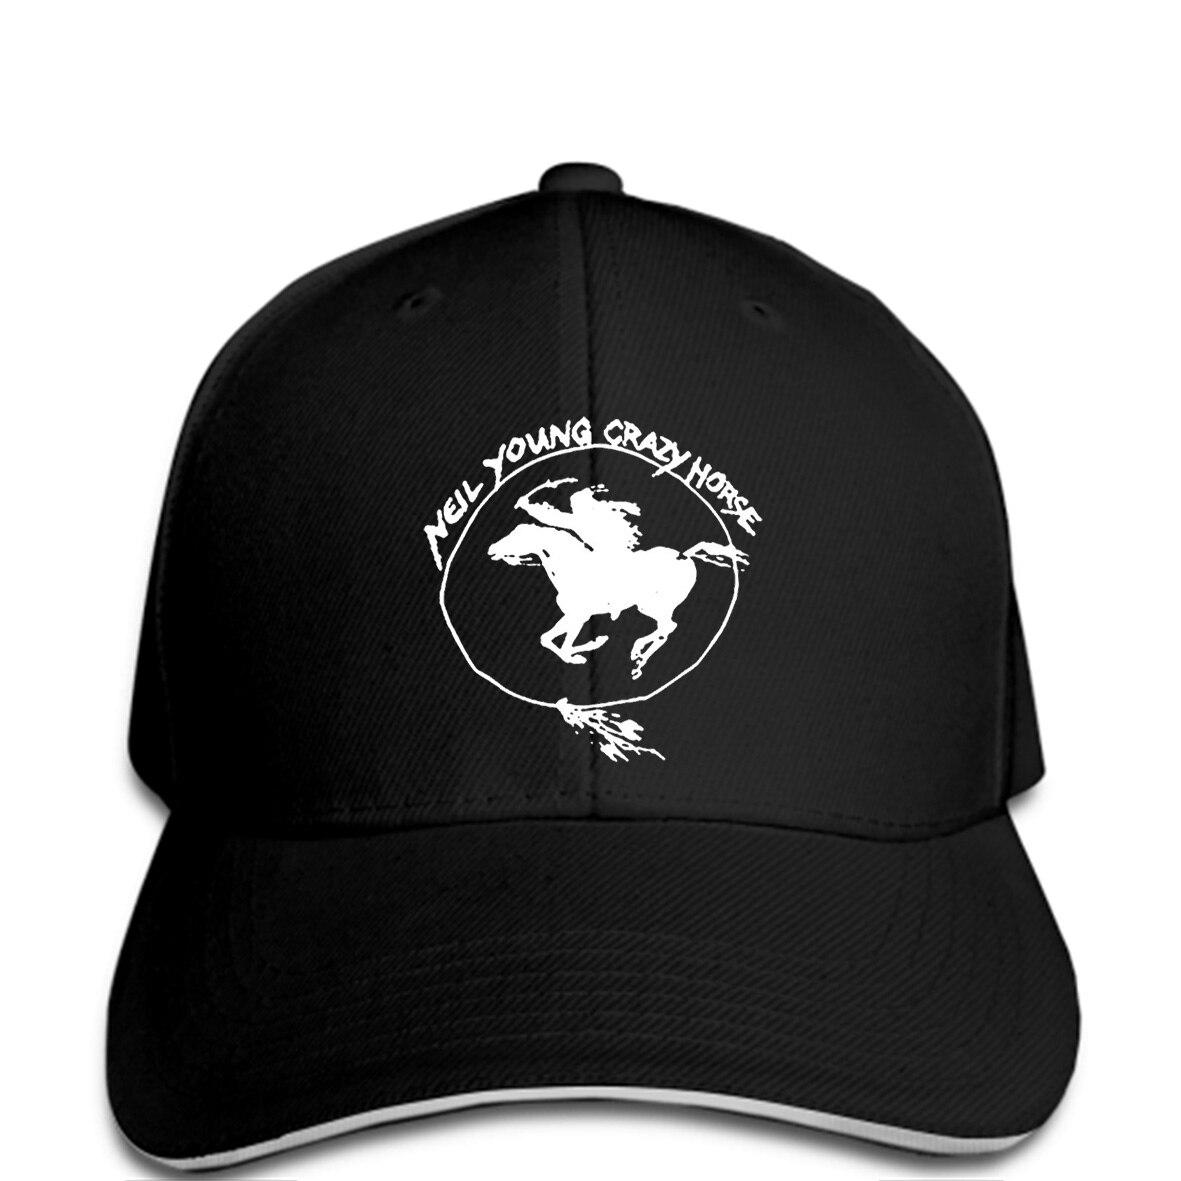 Neil Young y Caballo Loco desigual Gloria Tour Mens blanco sombrero negro  nuevos hombres gorra de béisbol de la moda para hombre en Gorras de béisbol  de ... ead4ab1951f